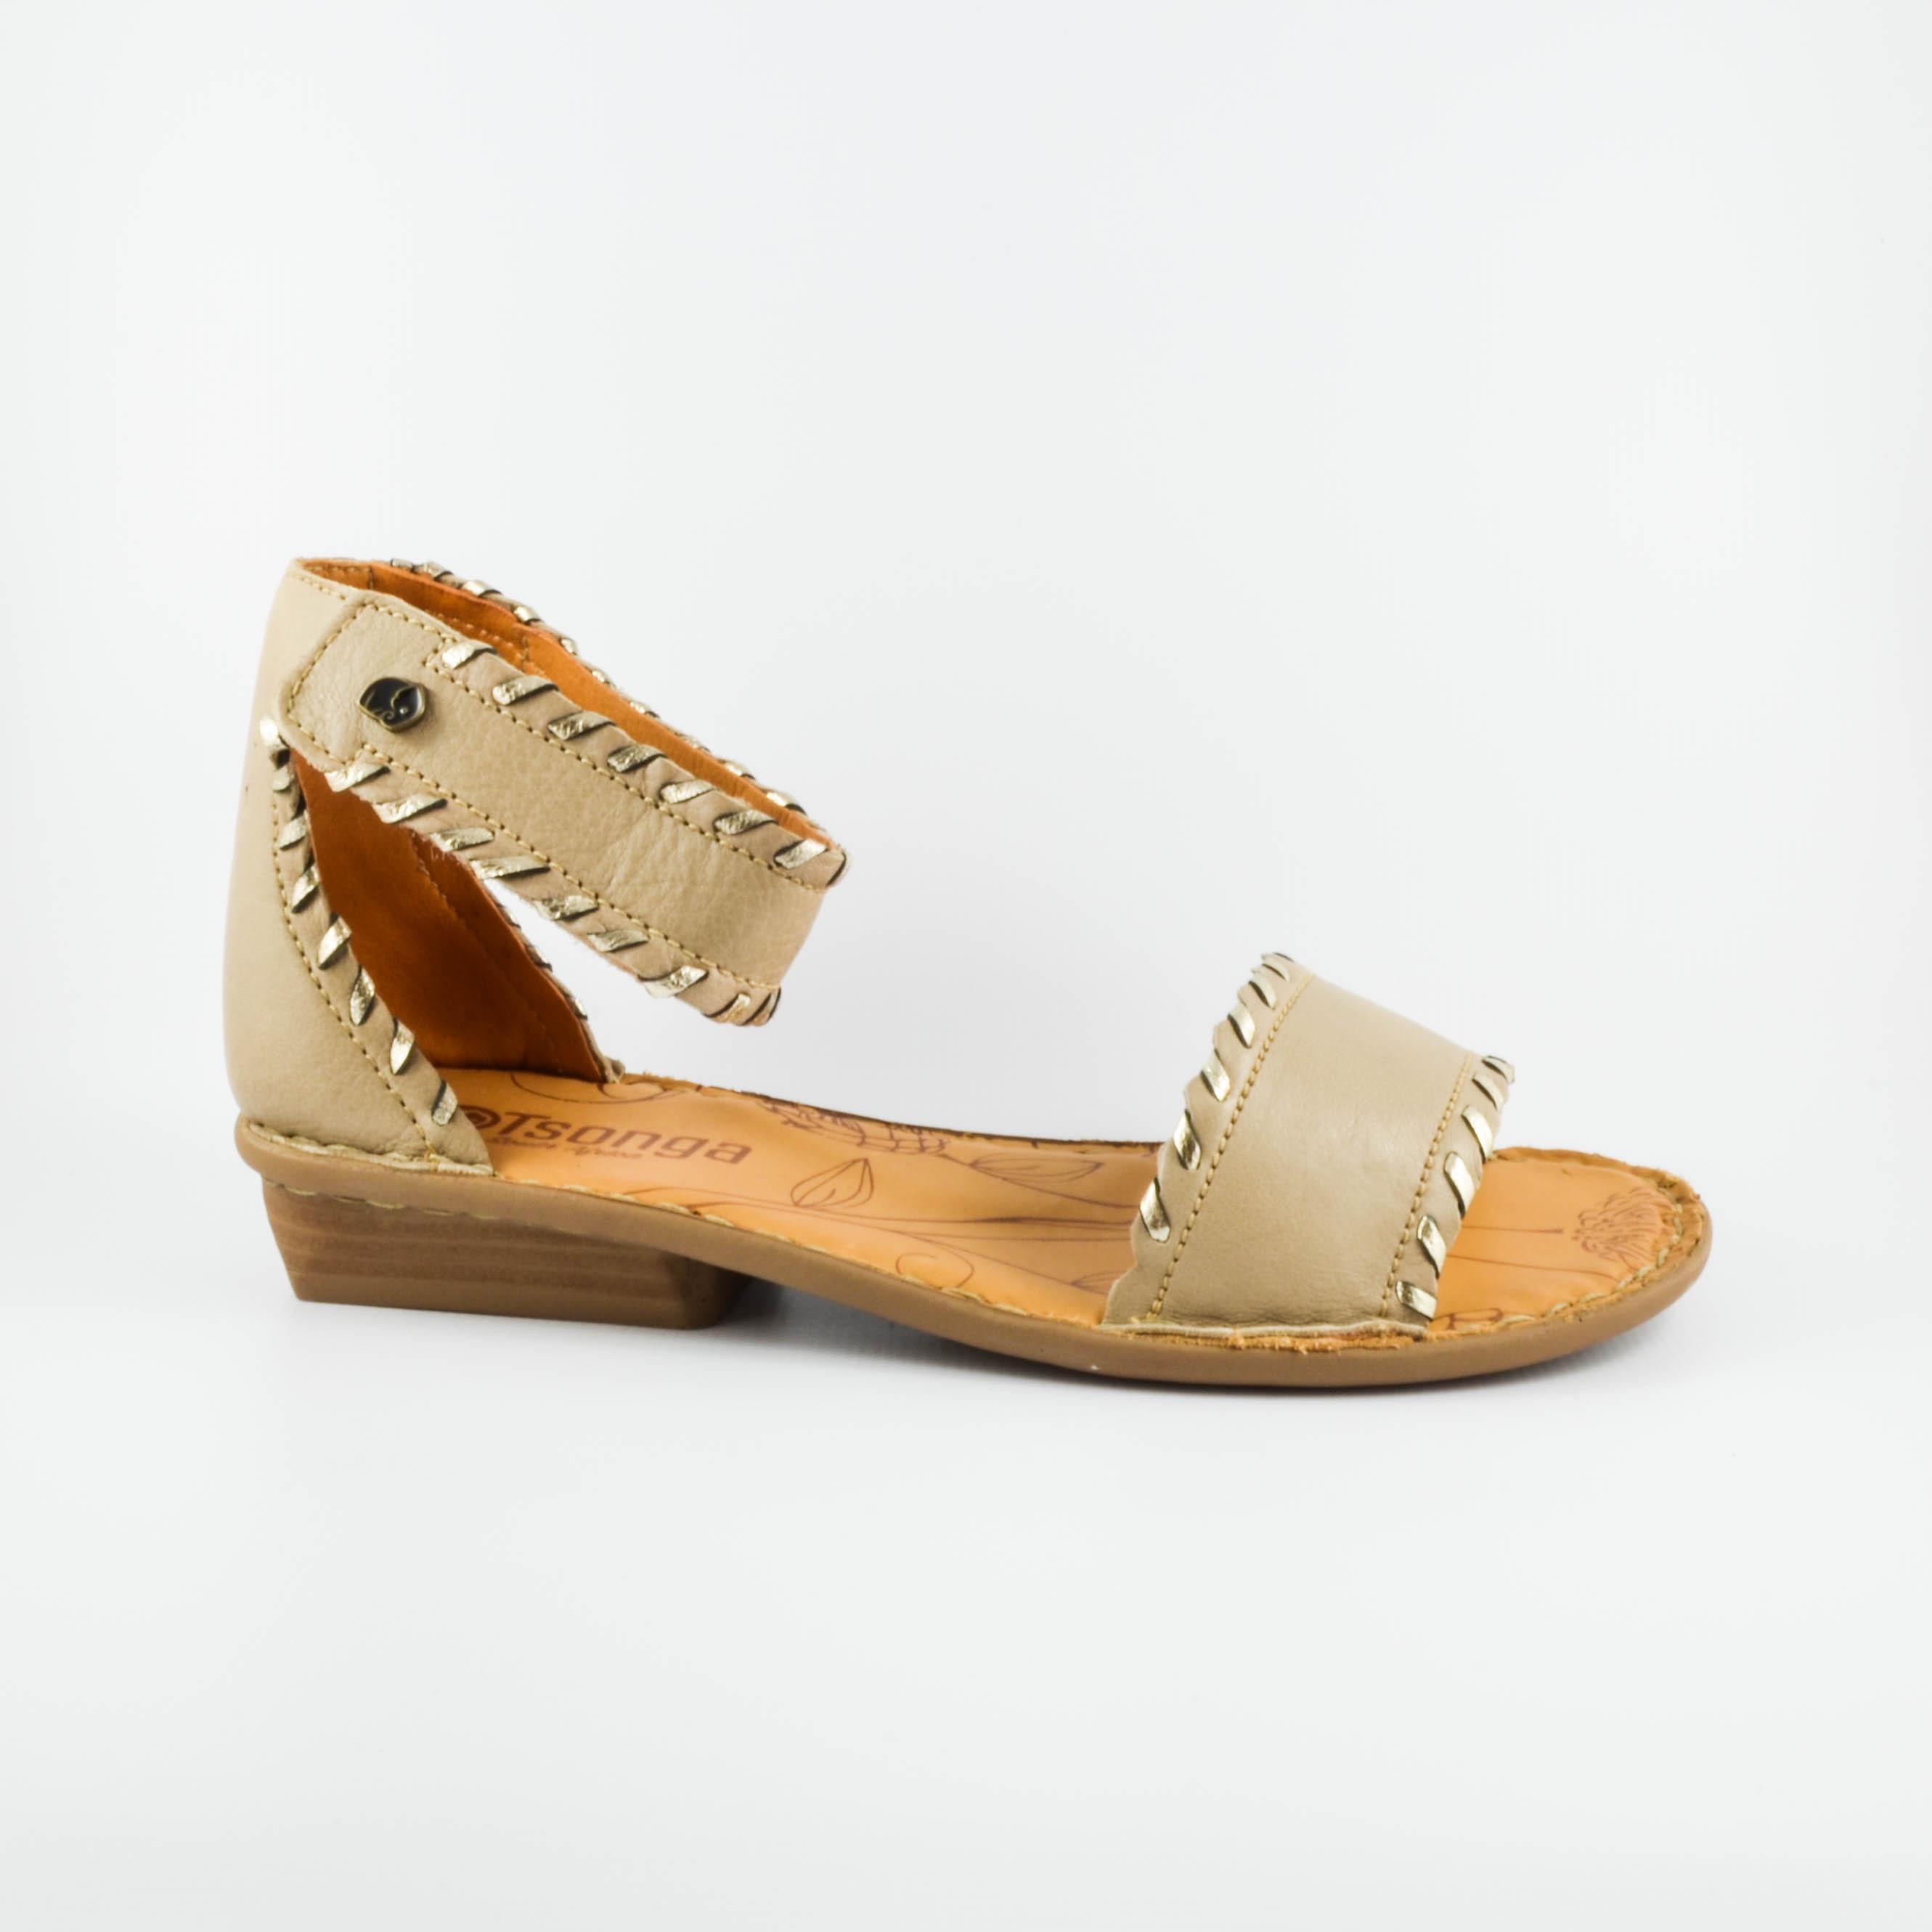 e778f0fe Tsonga Thushana gravel - Women's Footwear Online | European Brands | The  House of Shoes